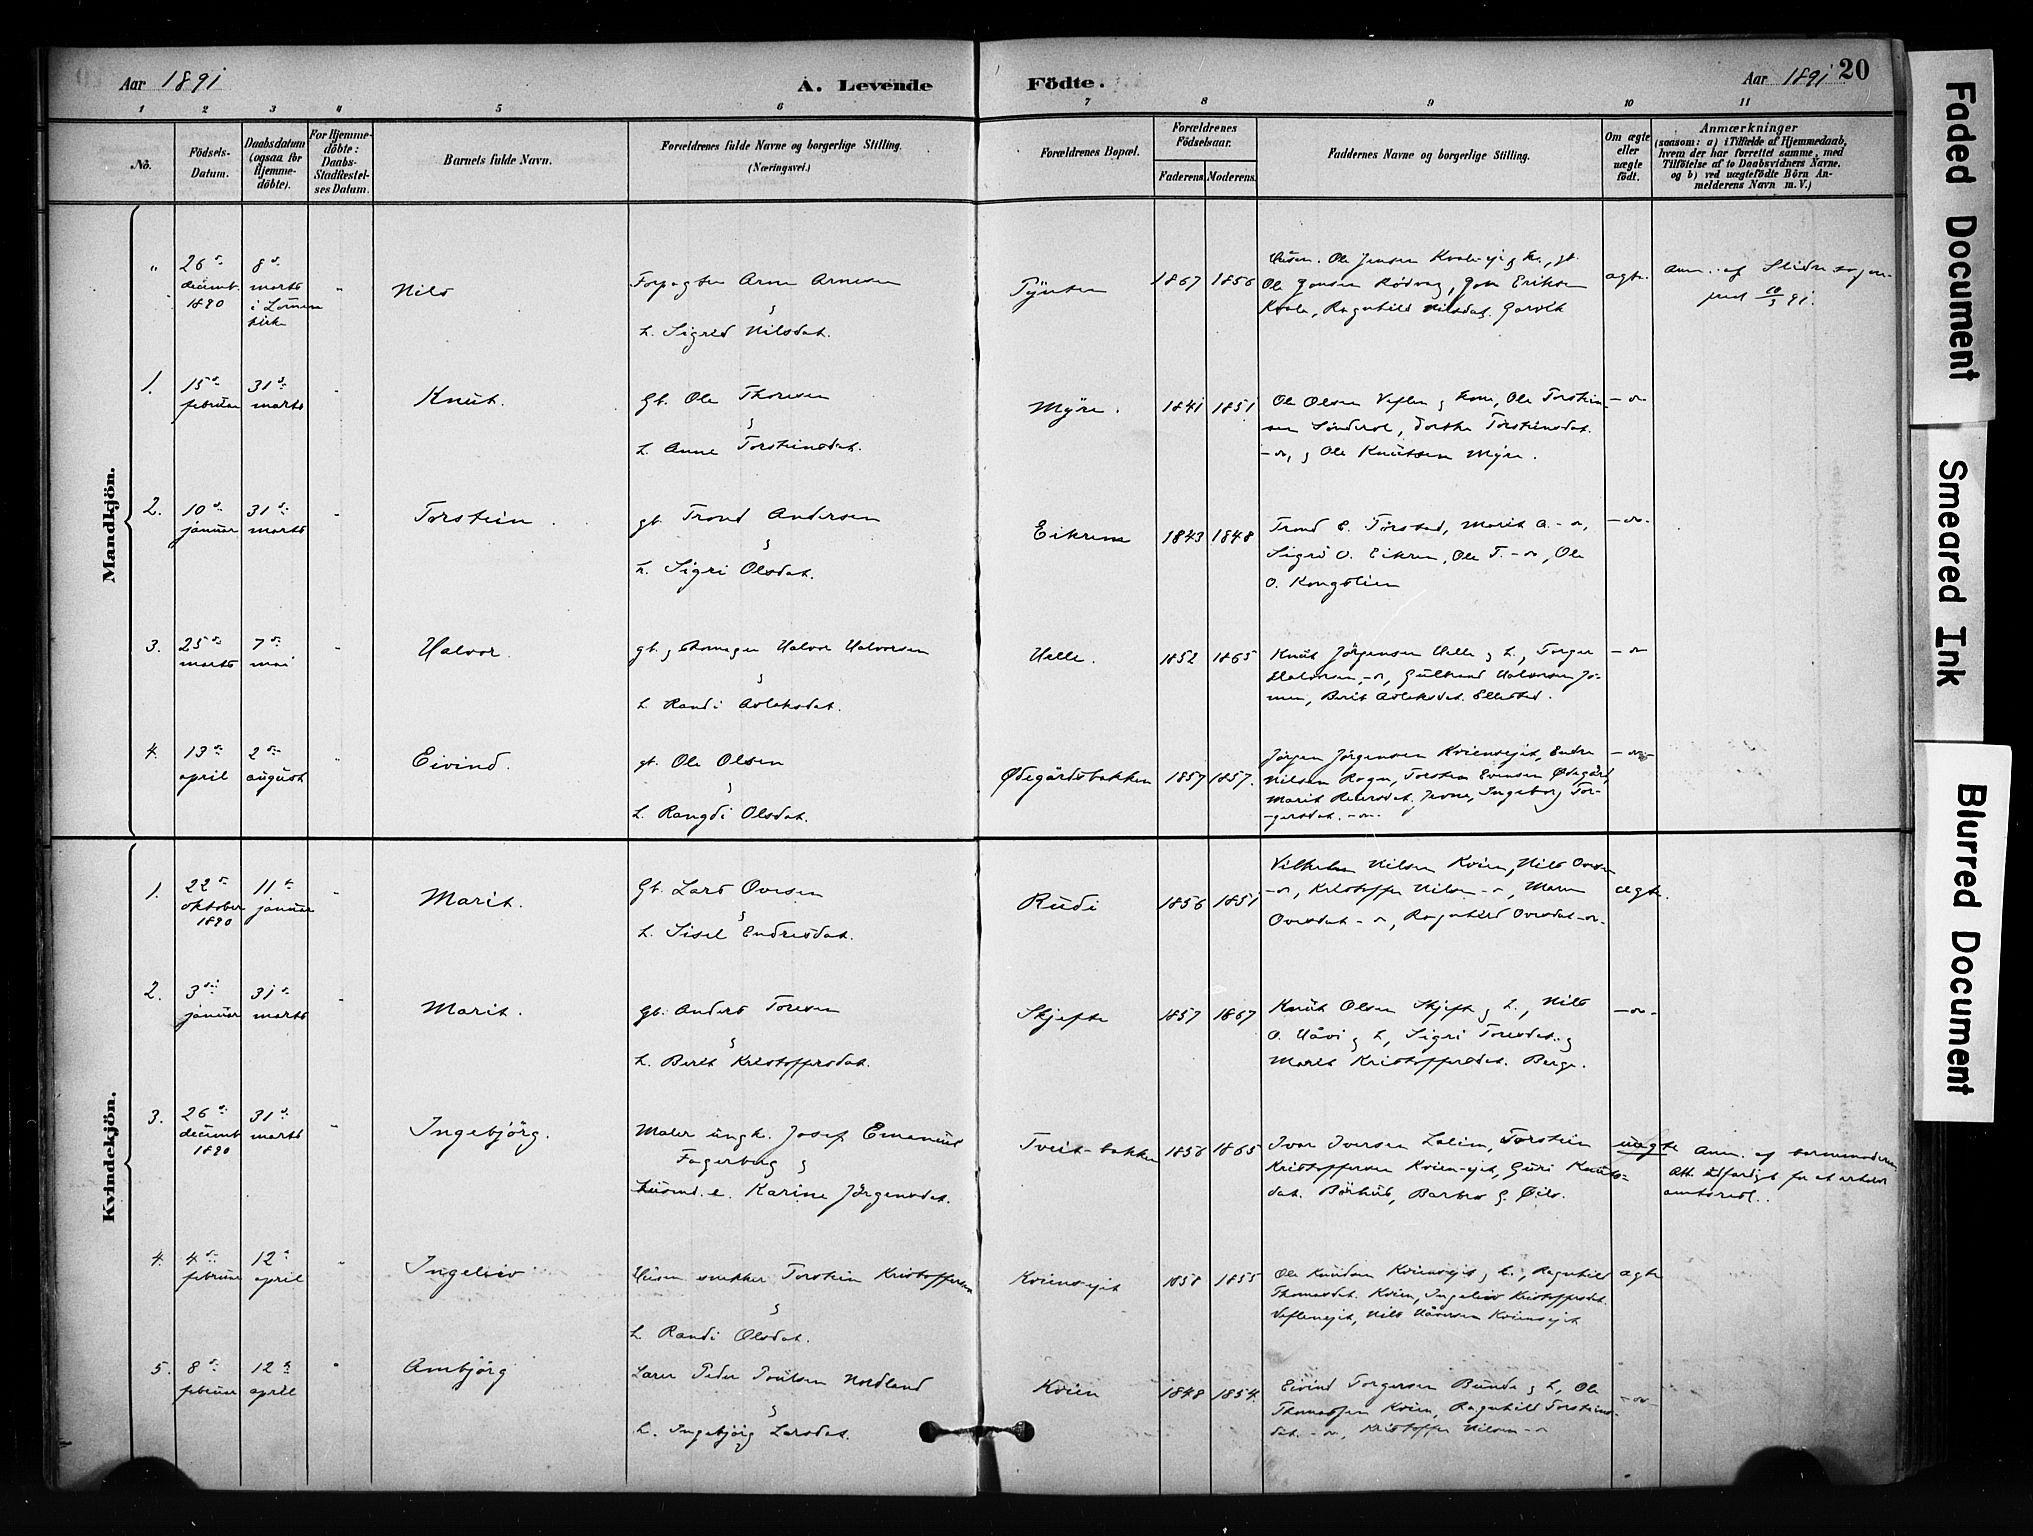 SAH, Vang prestekontor, Valdres, Ministerialbok nr. 9, 1882-1914, s. 20